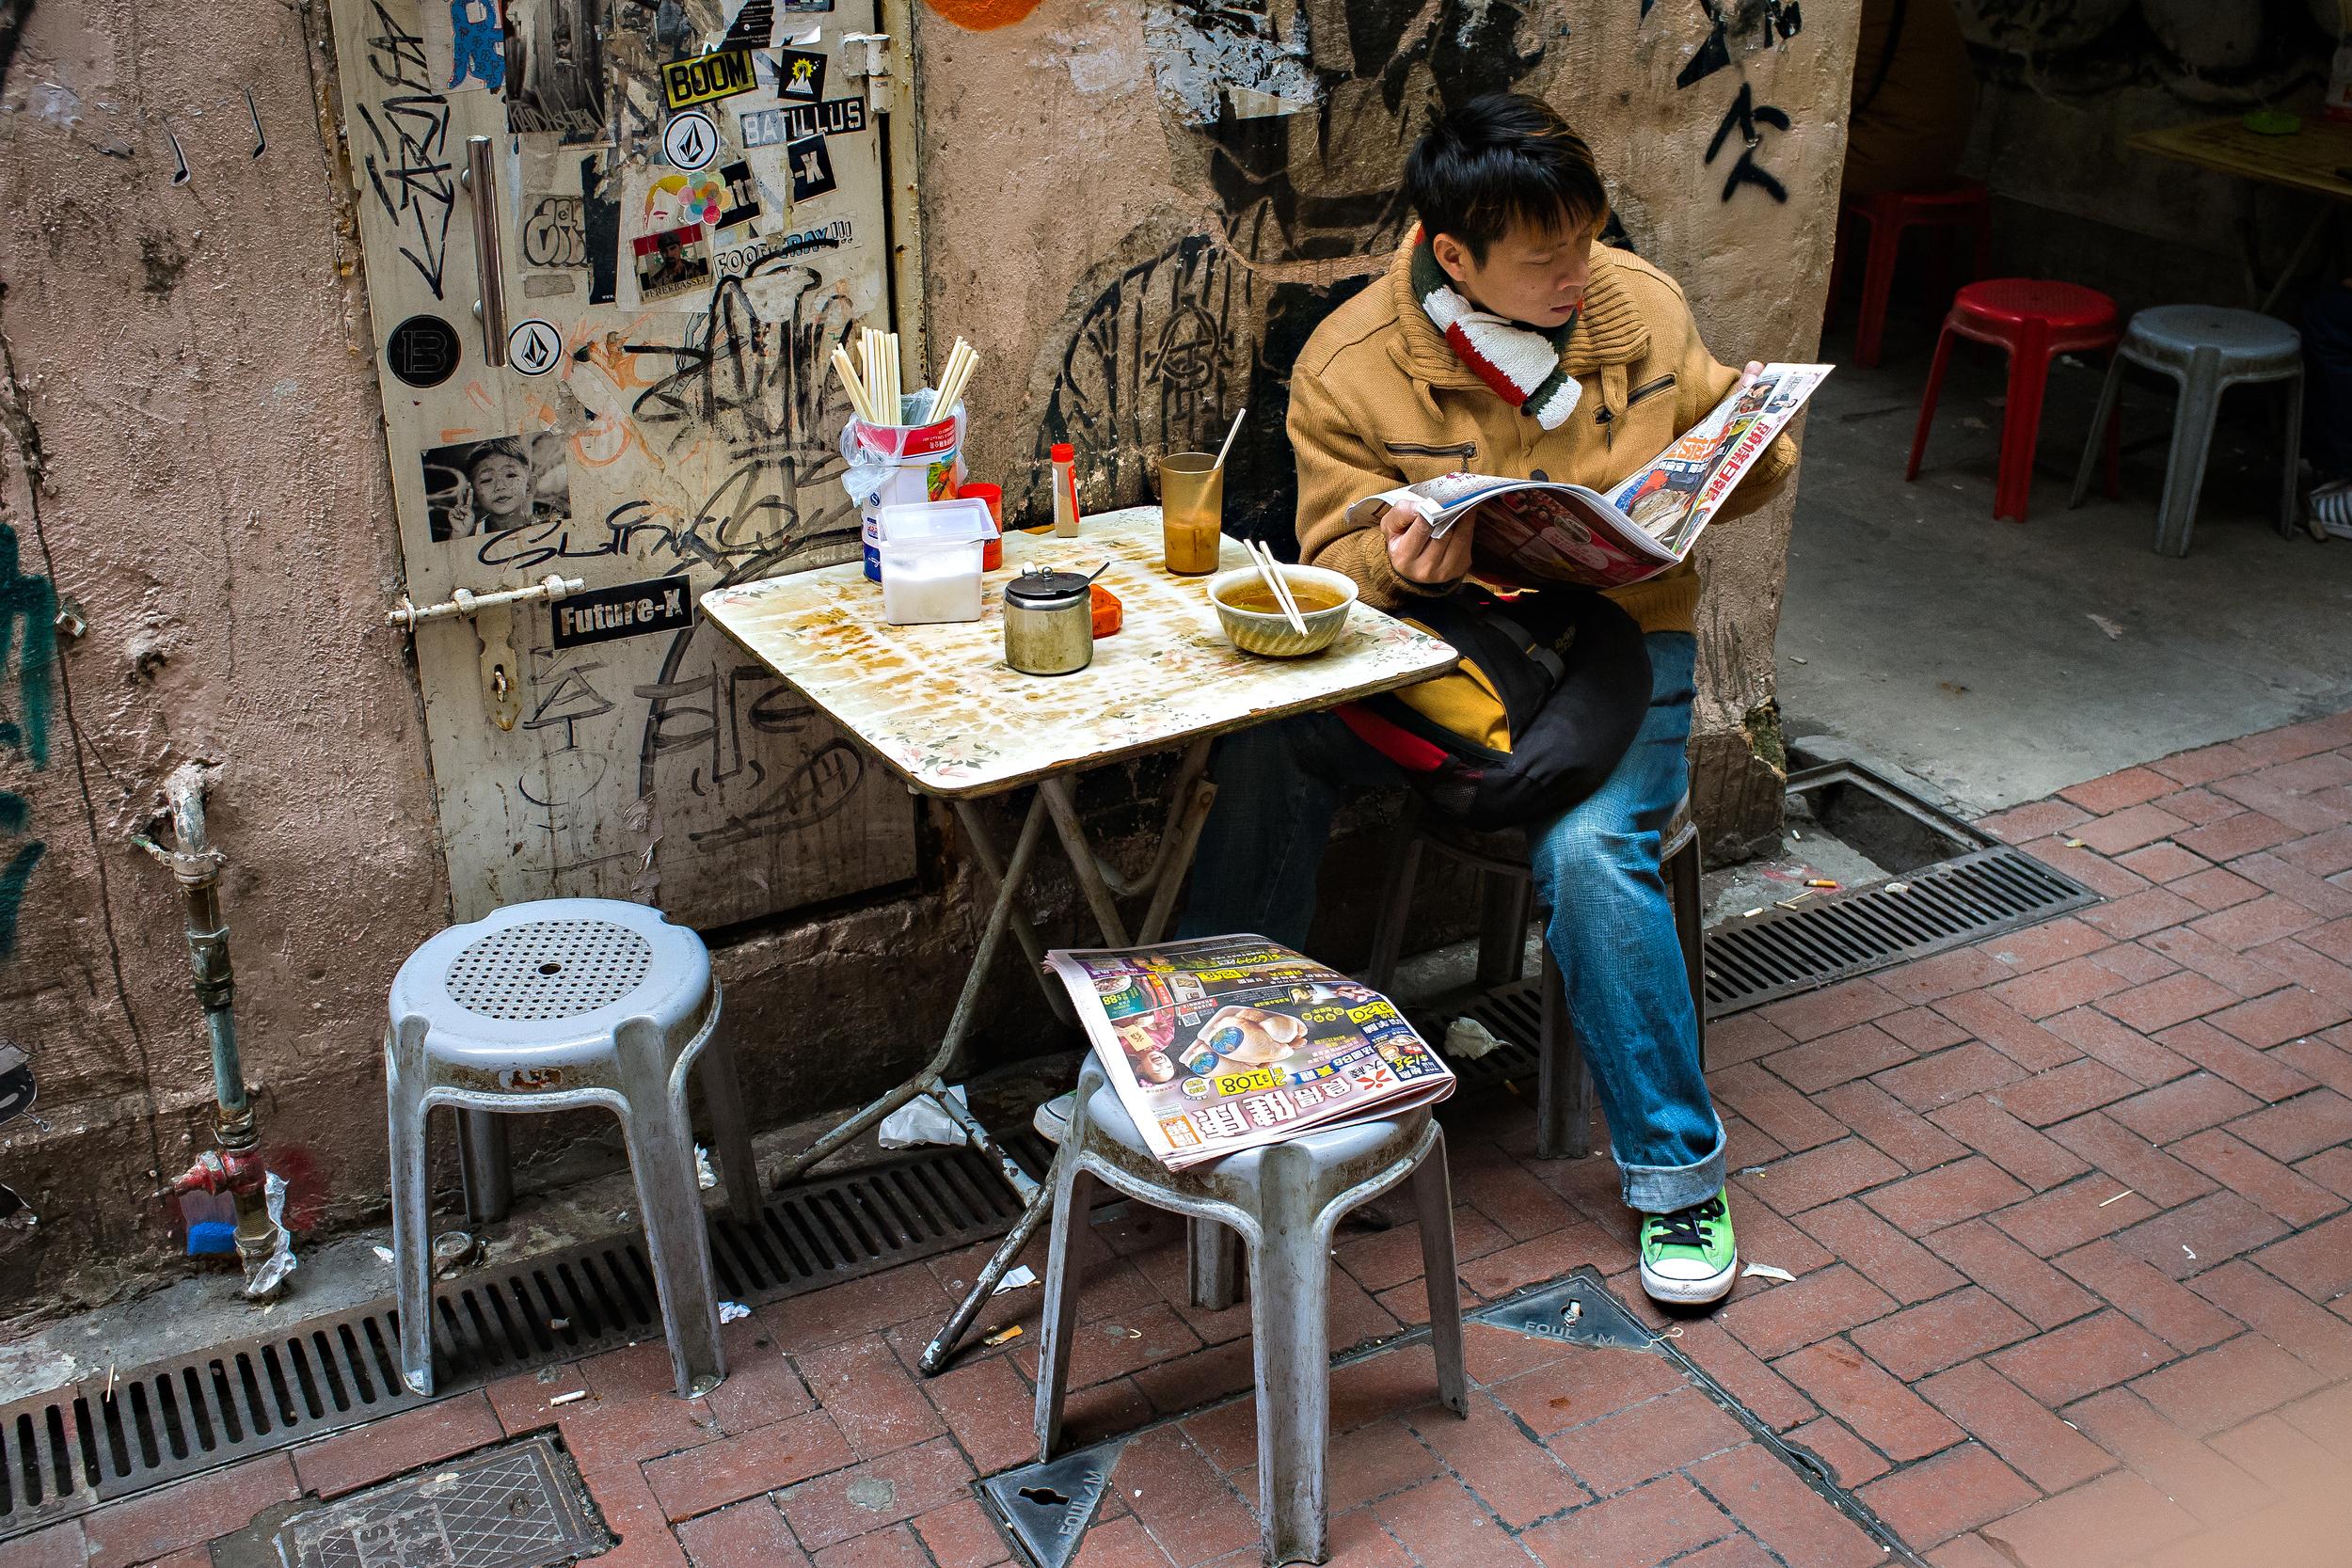 Breakfast noodles in an alley near my hostel.